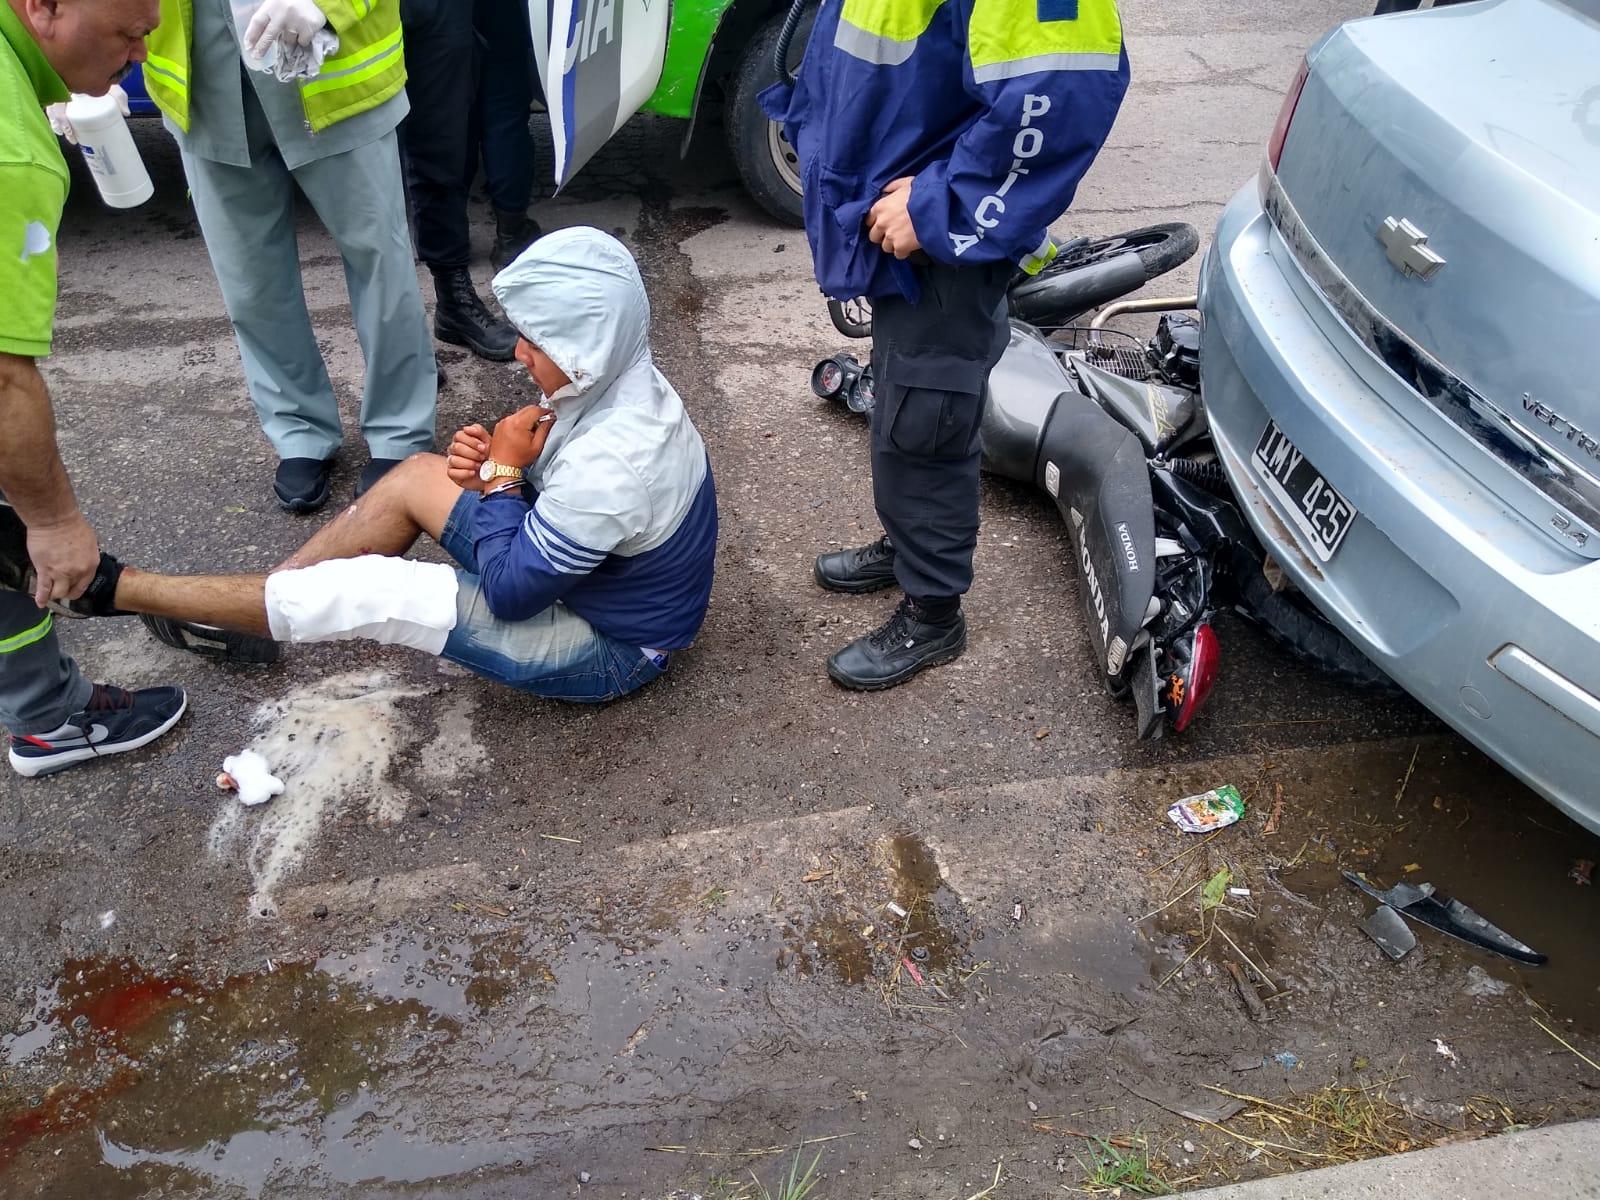 Un patrullero chocó a tres delincuentes que iban en moto y uno murió